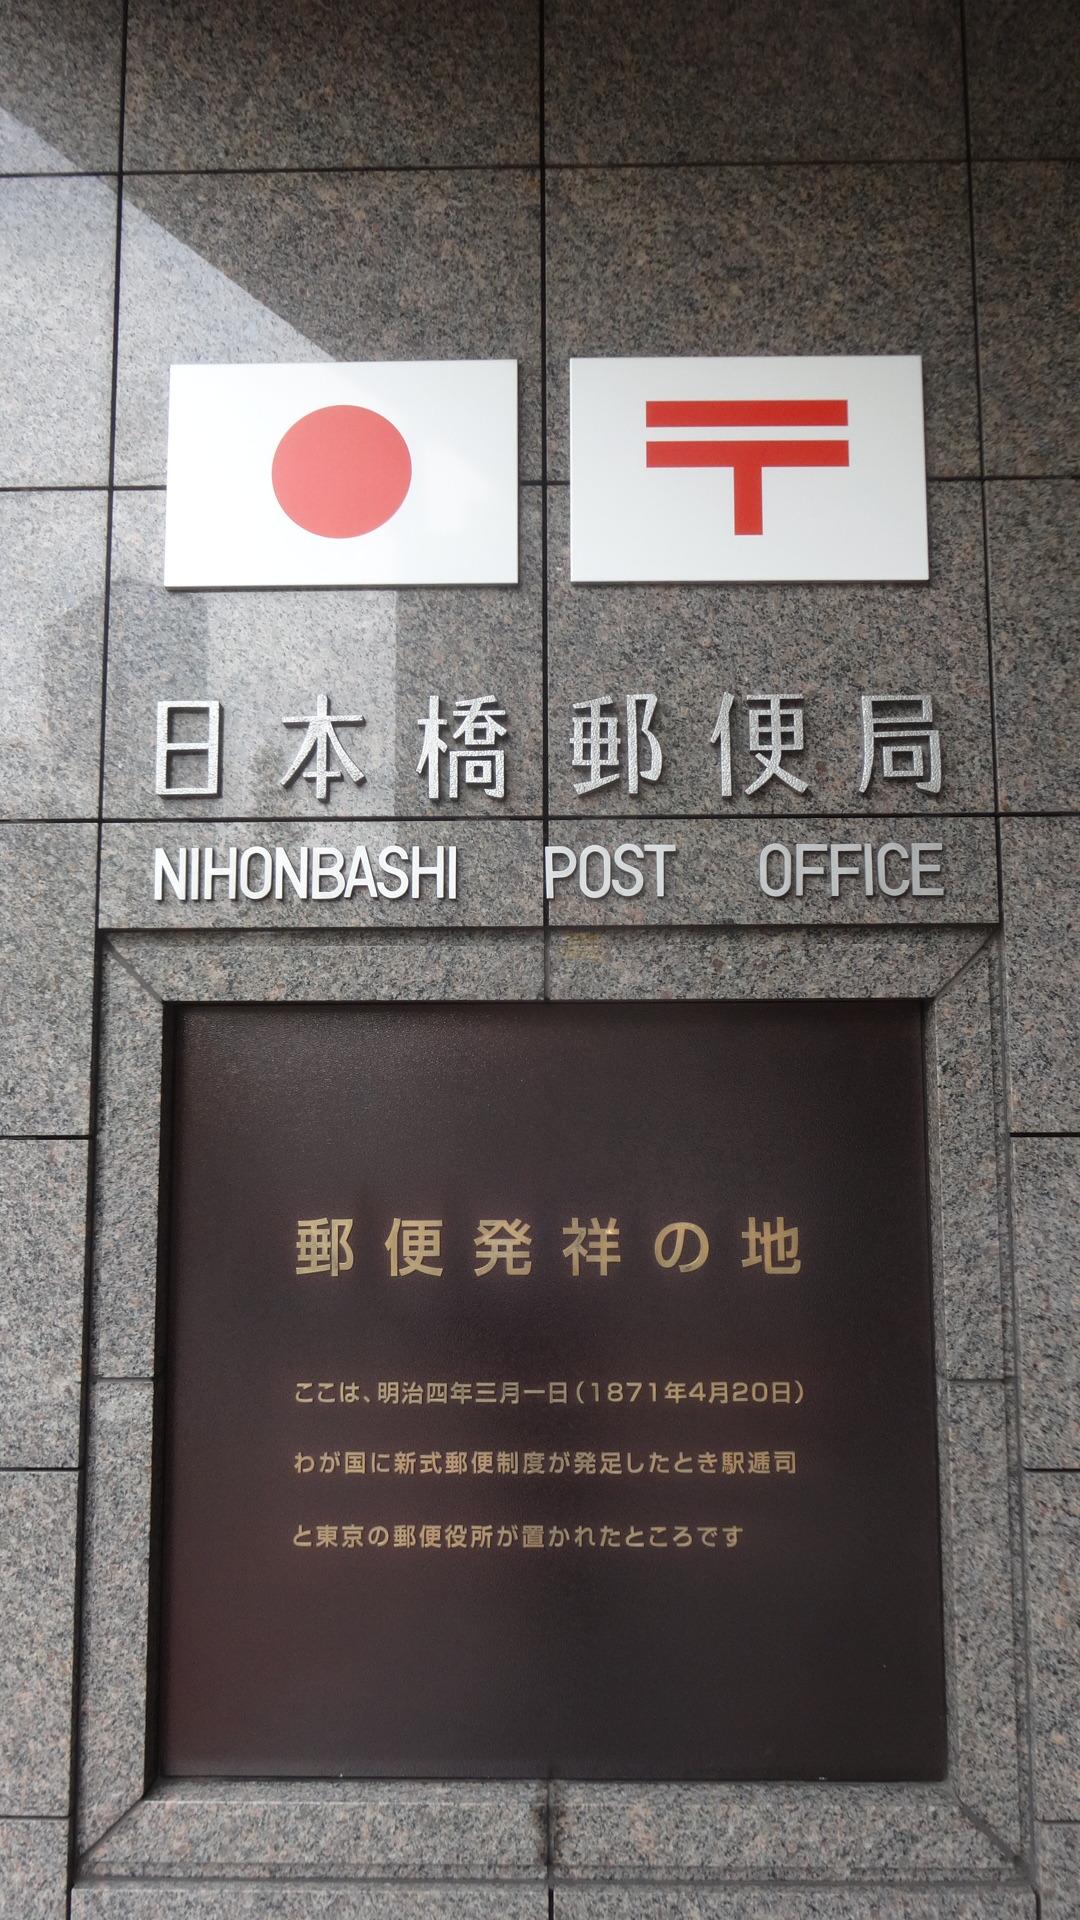 日本橋郵便局の入口